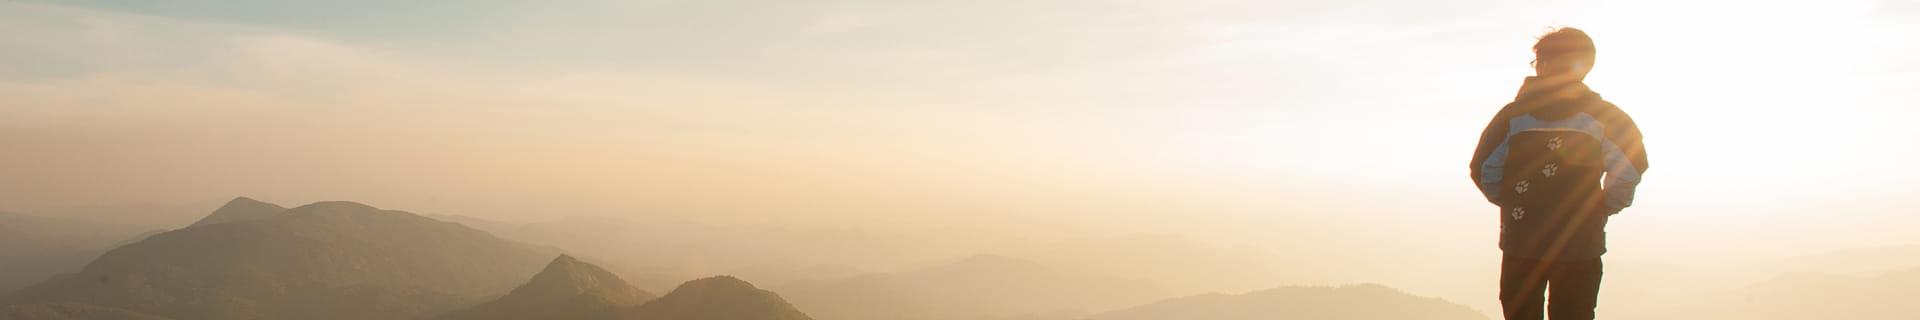 man overlooking mountain sunset